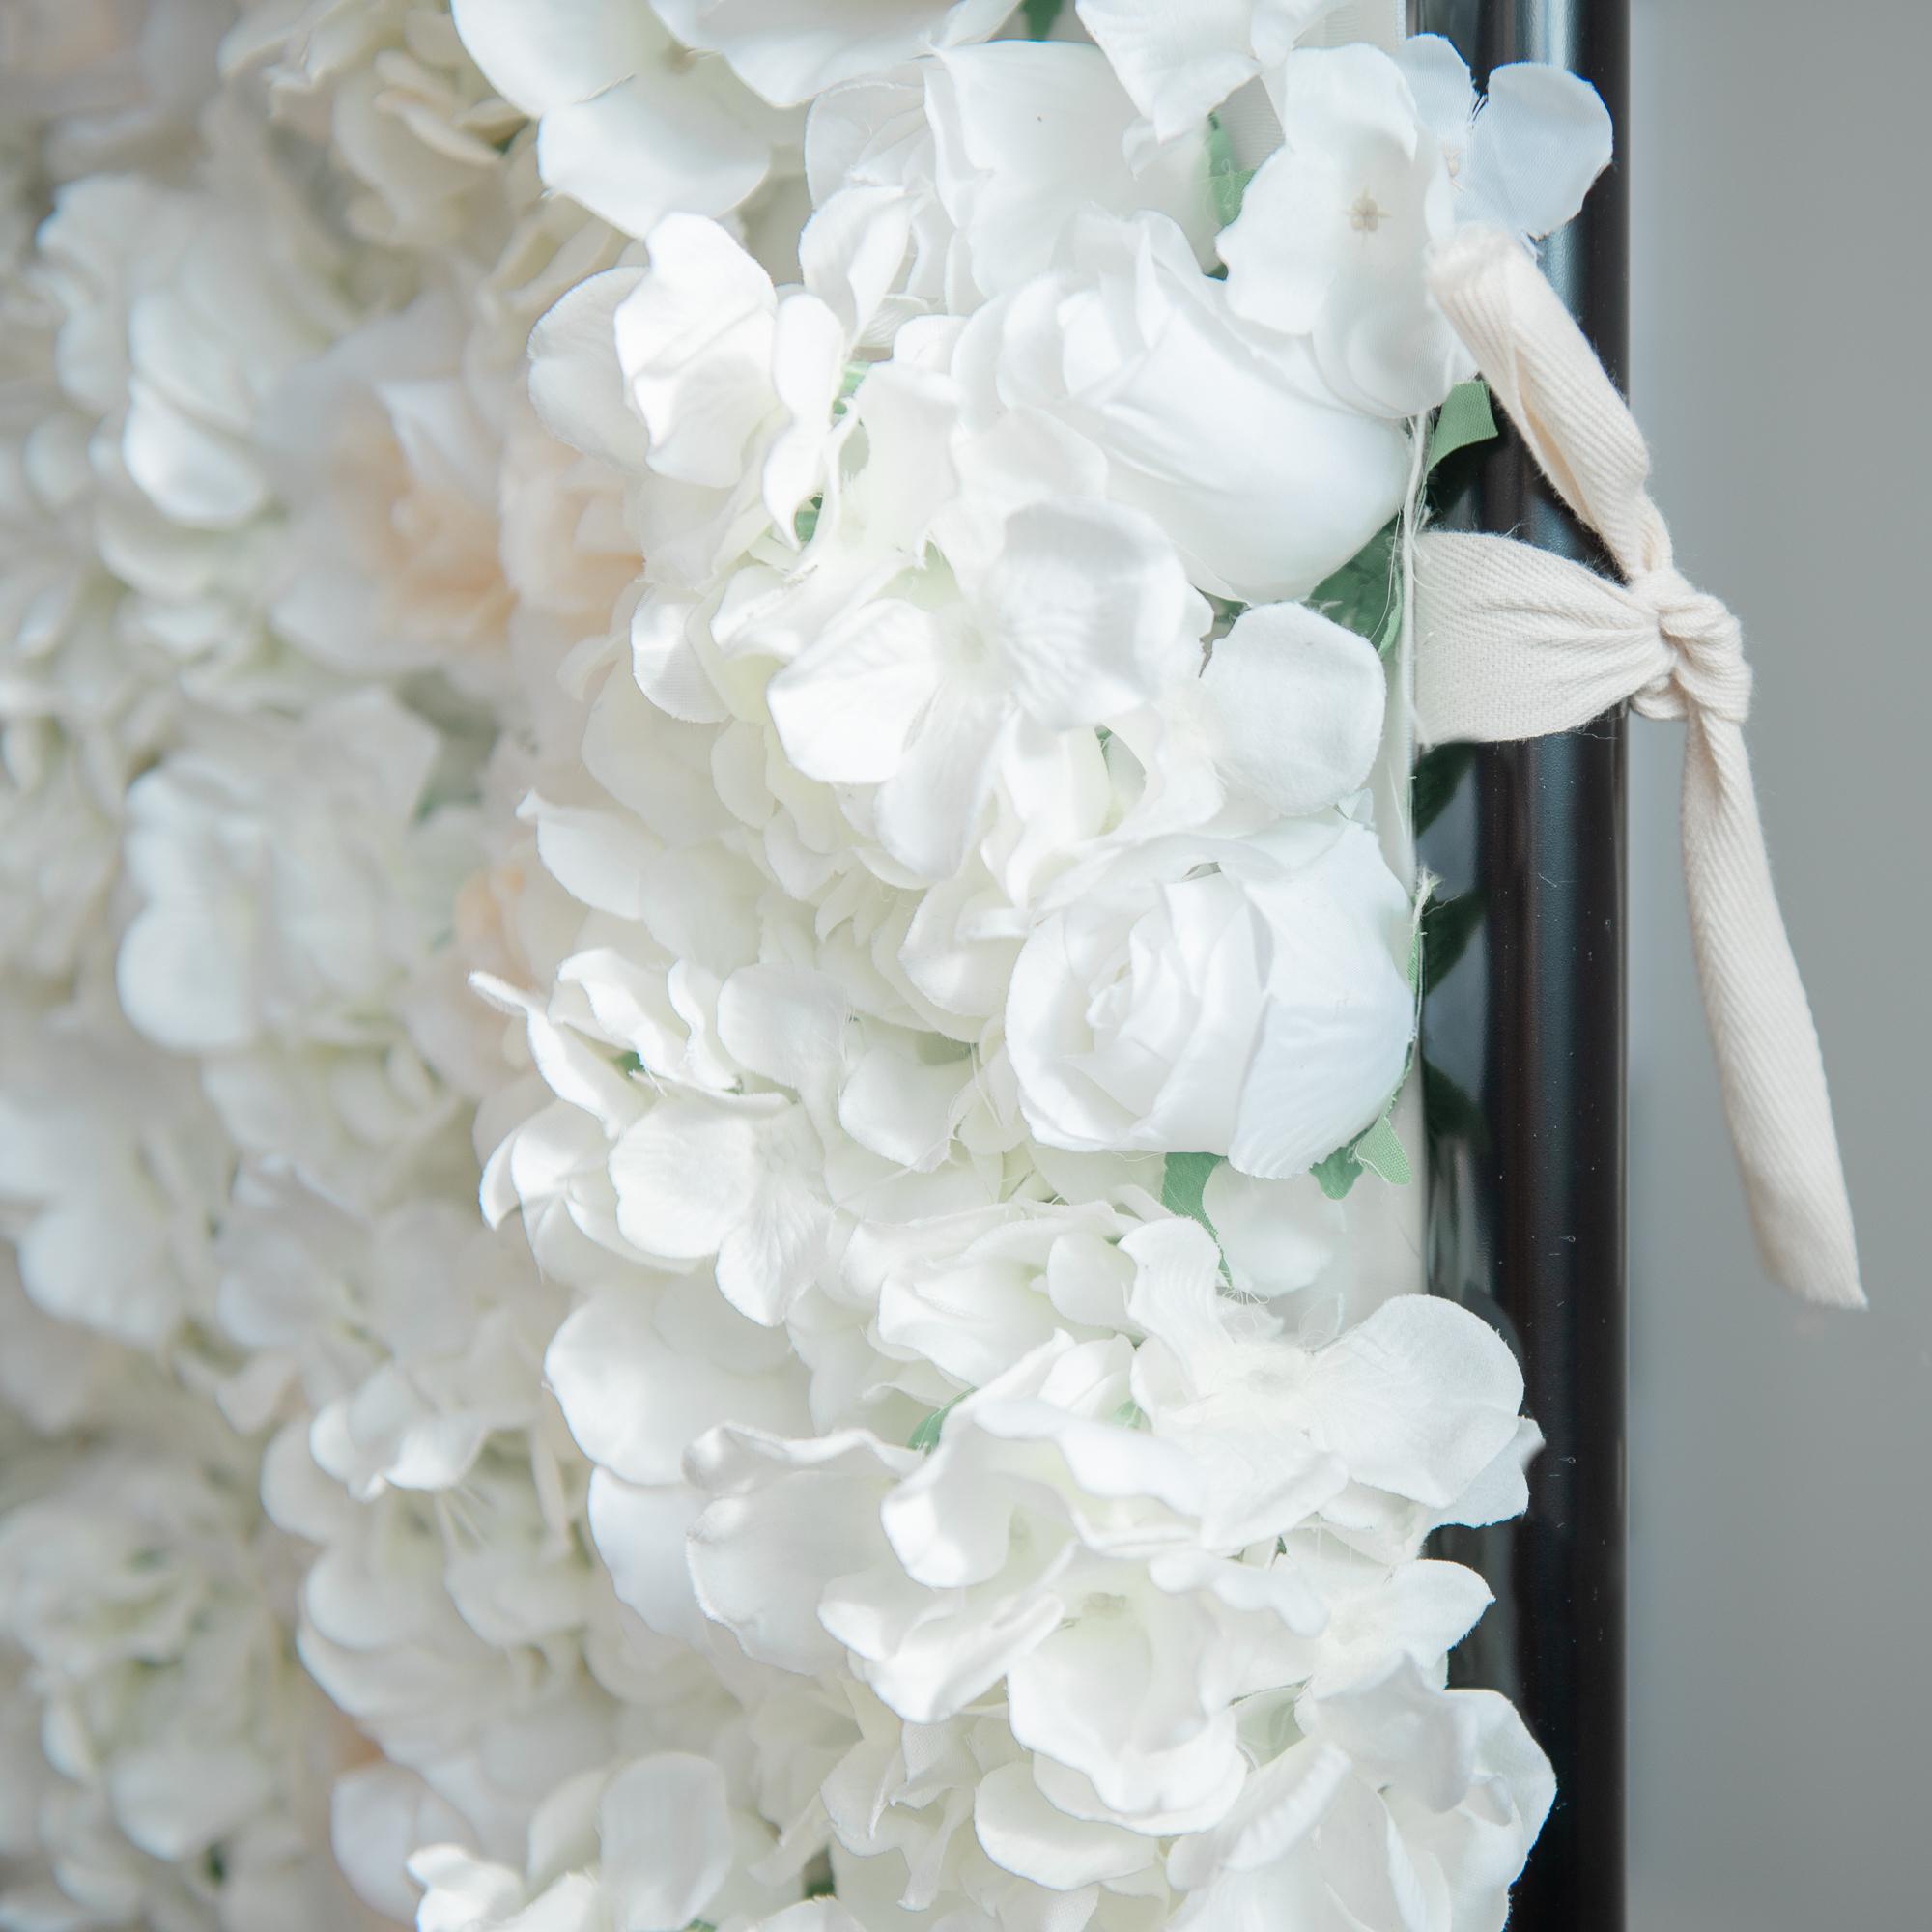 d6baff56daf4 Hyr blomstervägg - blomvägg - fotovägg till bröllop